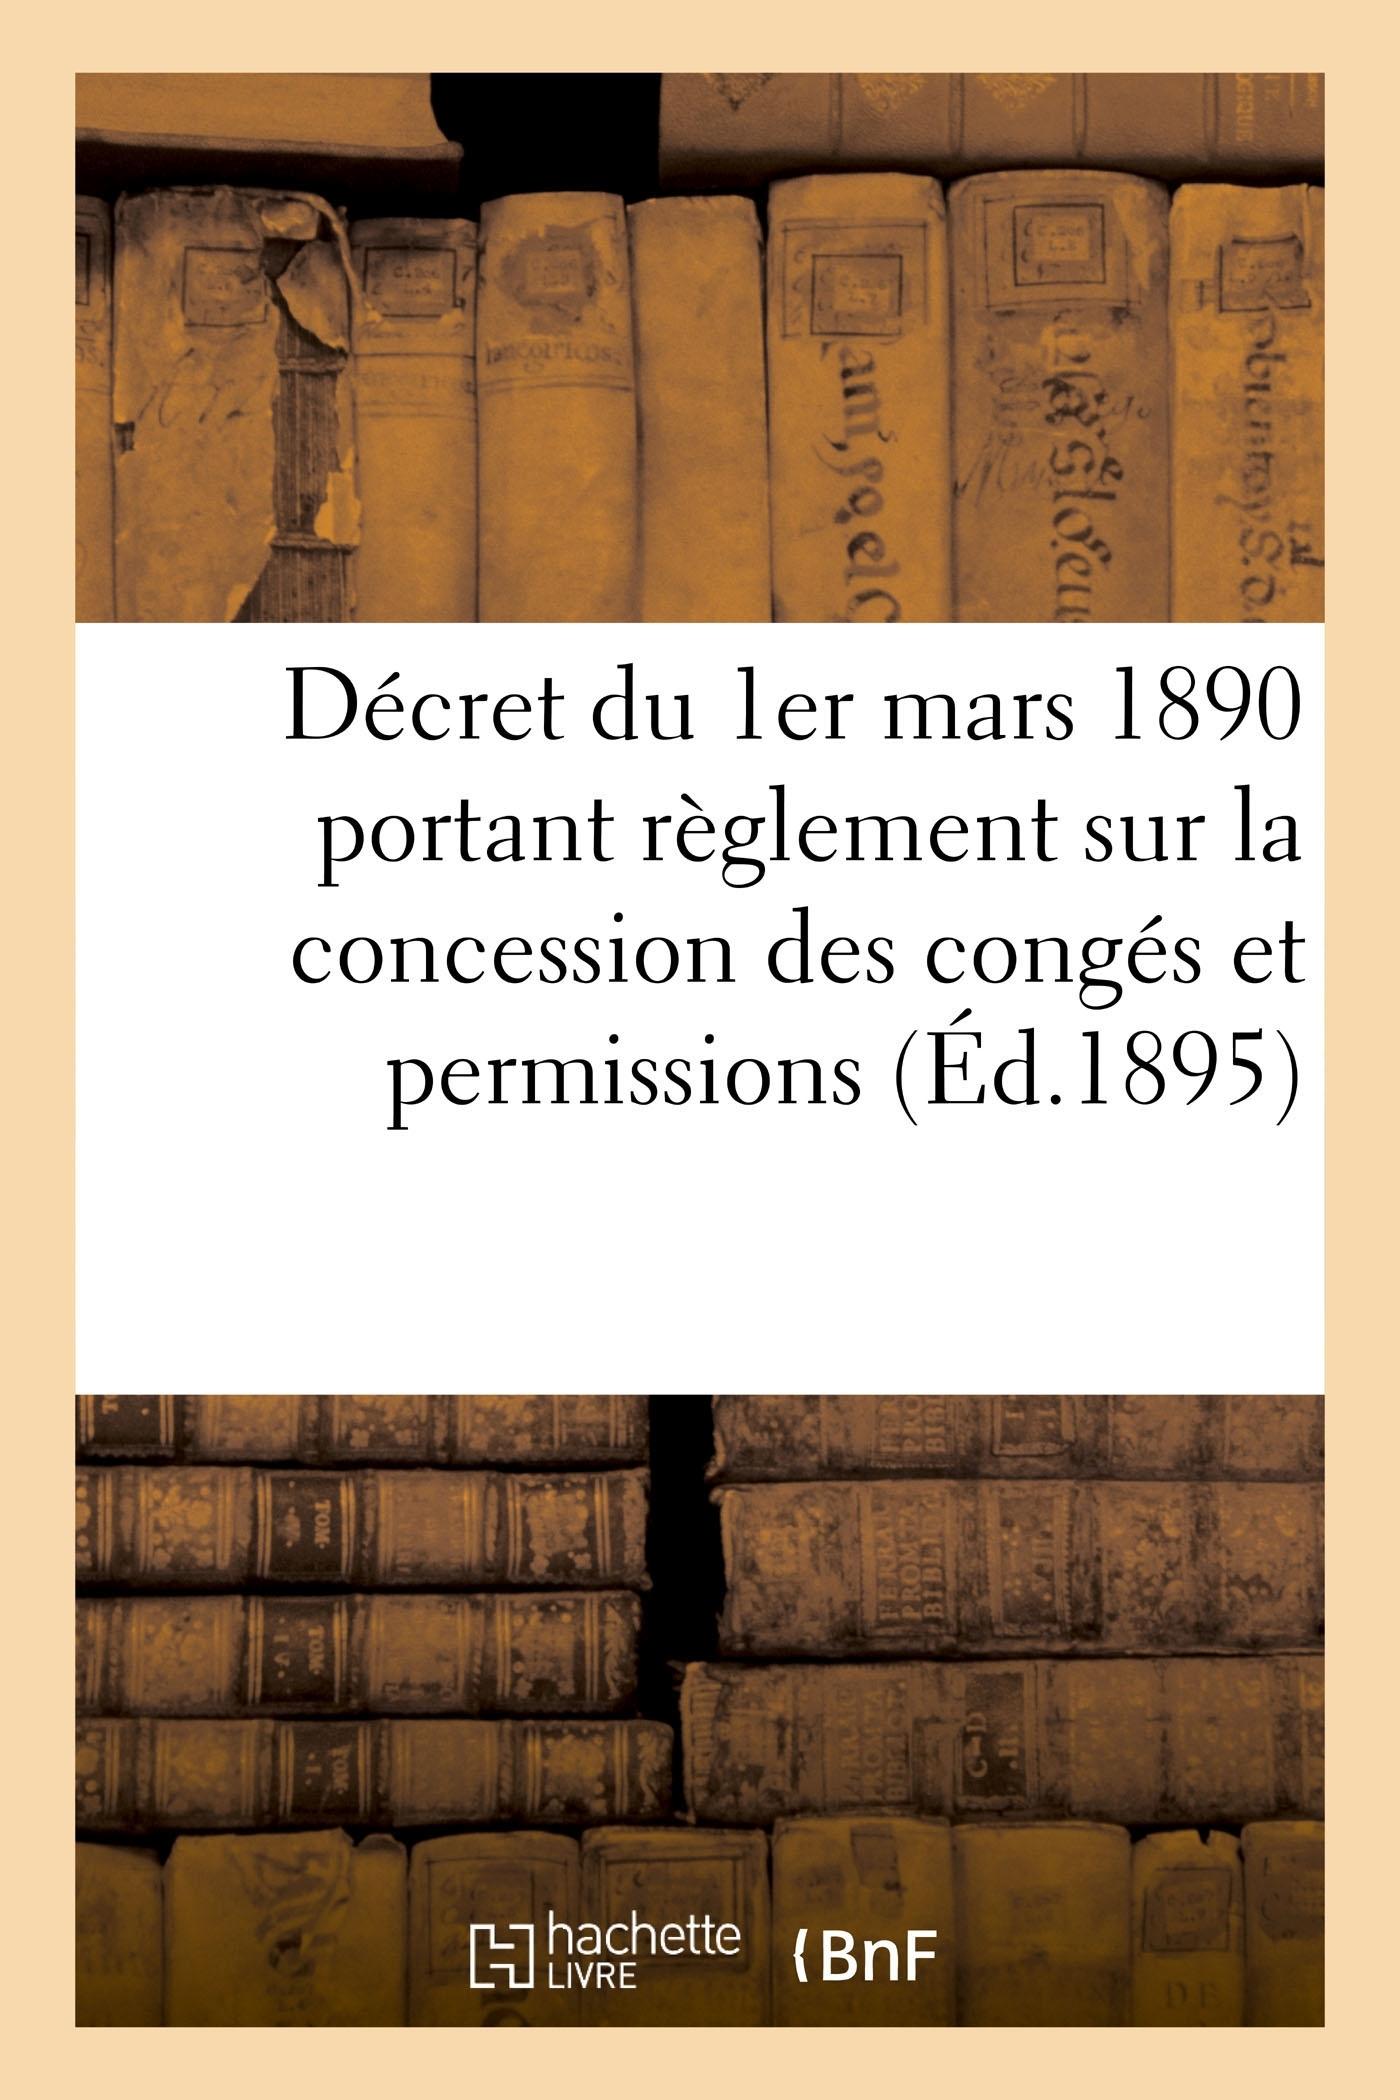 DECRET DU 1ER MARS 1890 PORTANT REGLEMENT SUR LA CONCESSION DES CONGES ET PERMISSIONS - MODIFIE PAR